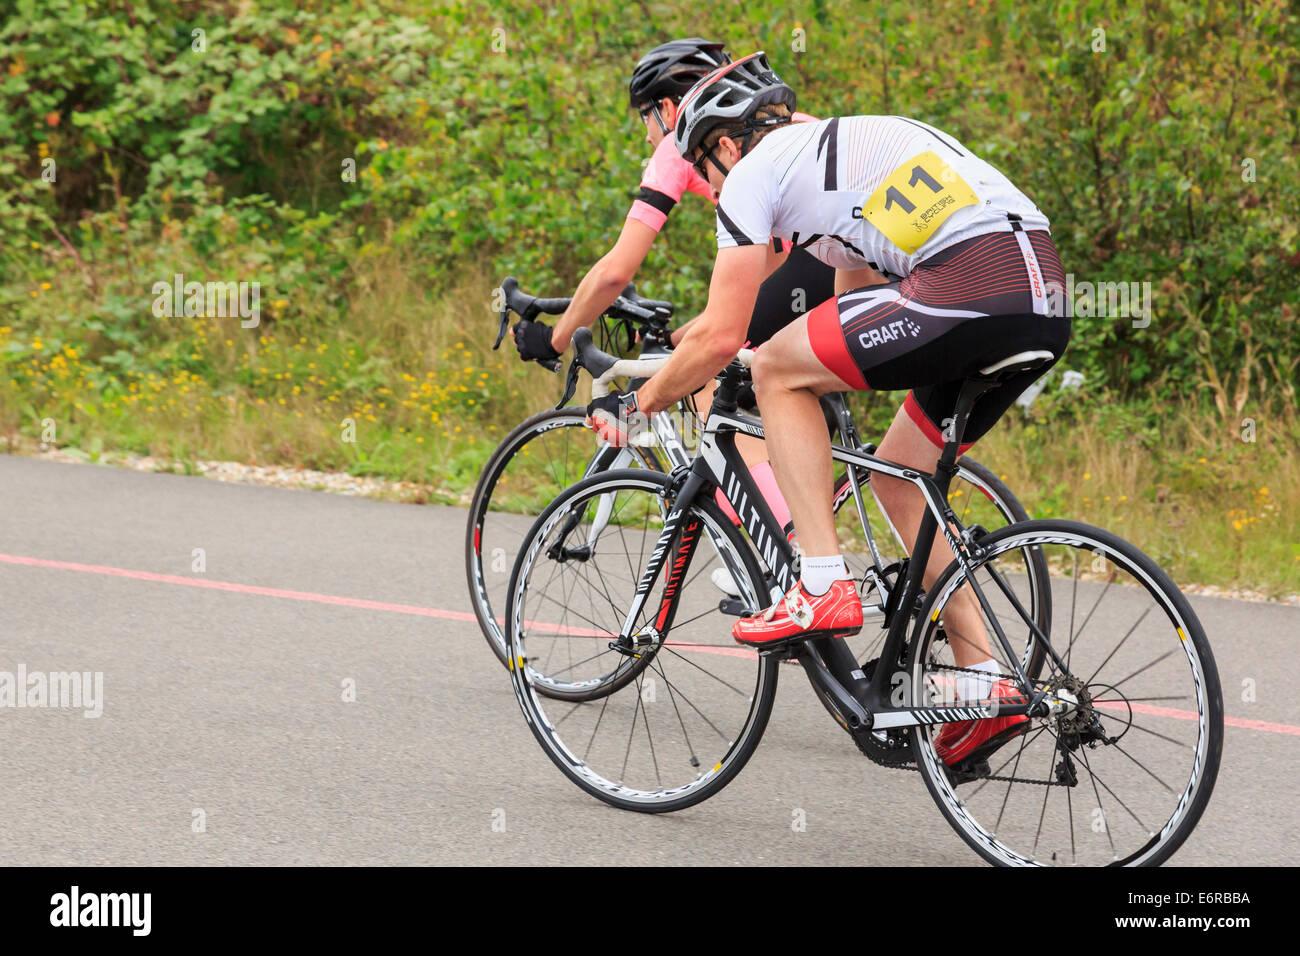 Zwei Männer in einem lokalen Bike-Rennen Rennen organisiert von British Cycling in Fowlmead Country Park, Deal, Stockbild